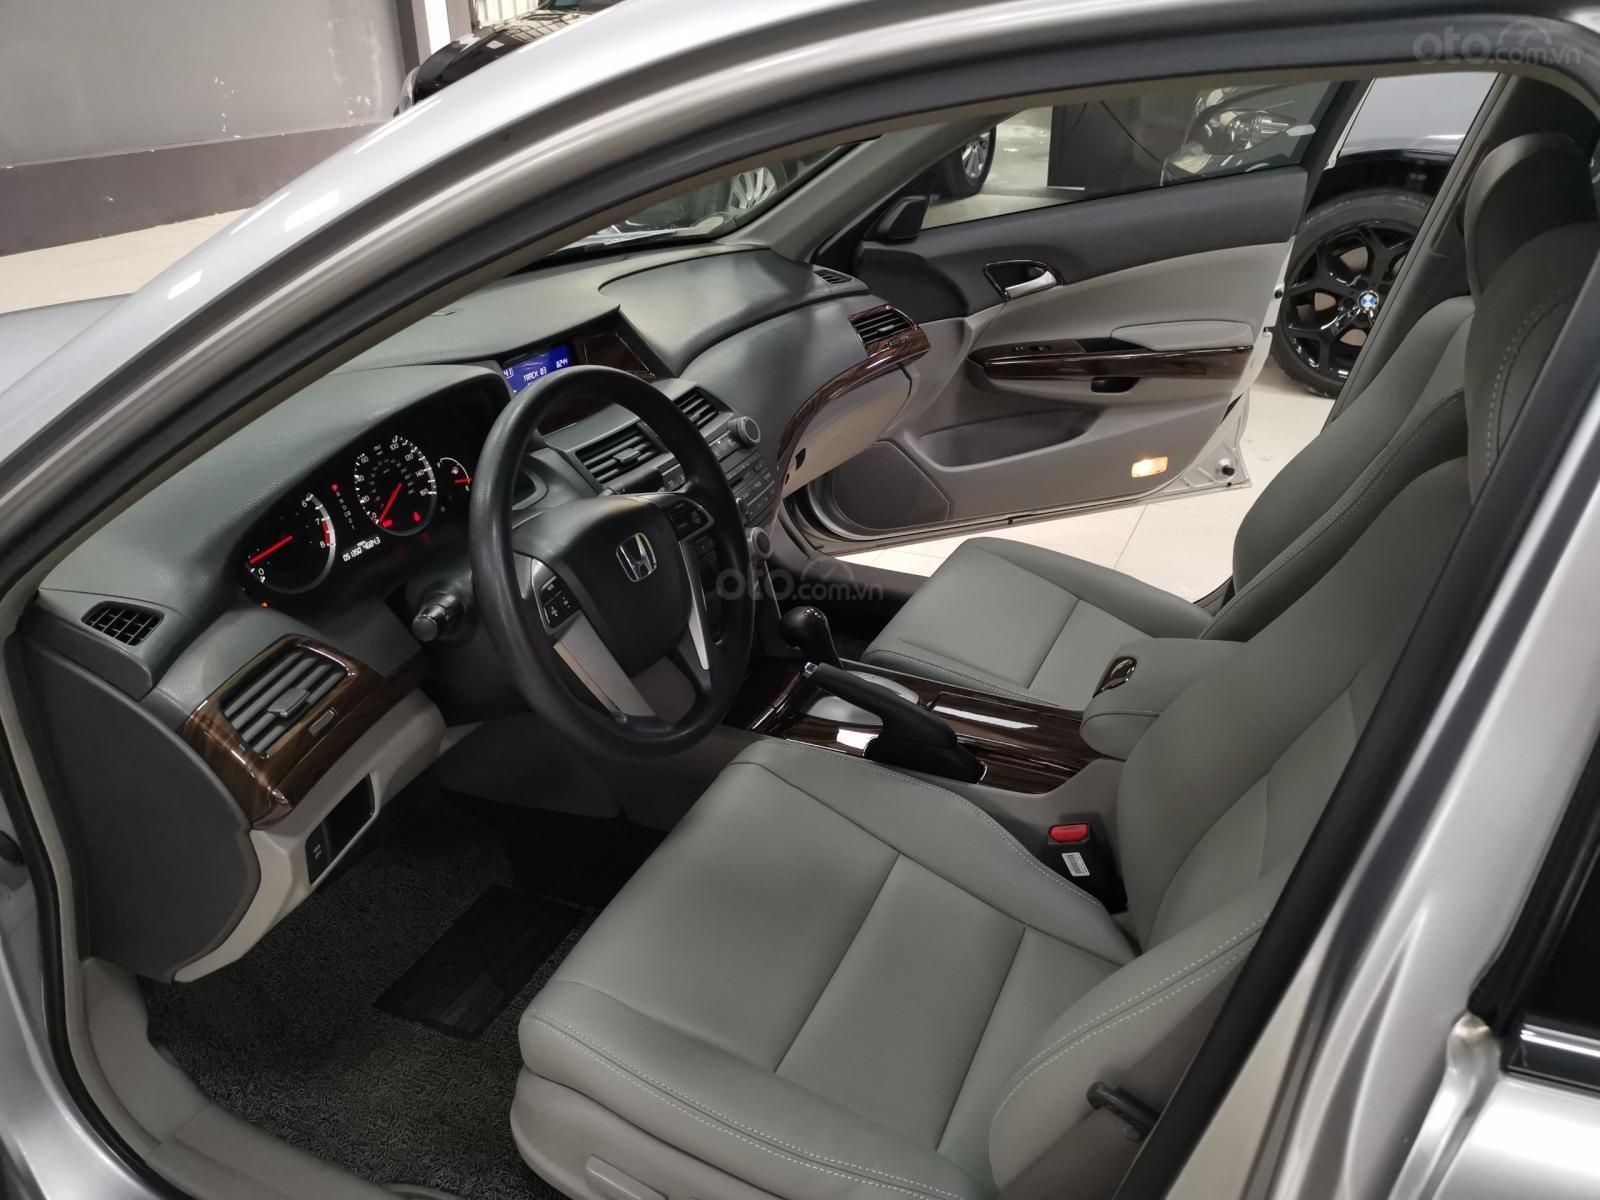 Bán nhanh với giá thấp chiếc Honda Accord sản xuất năm 2007 (9)